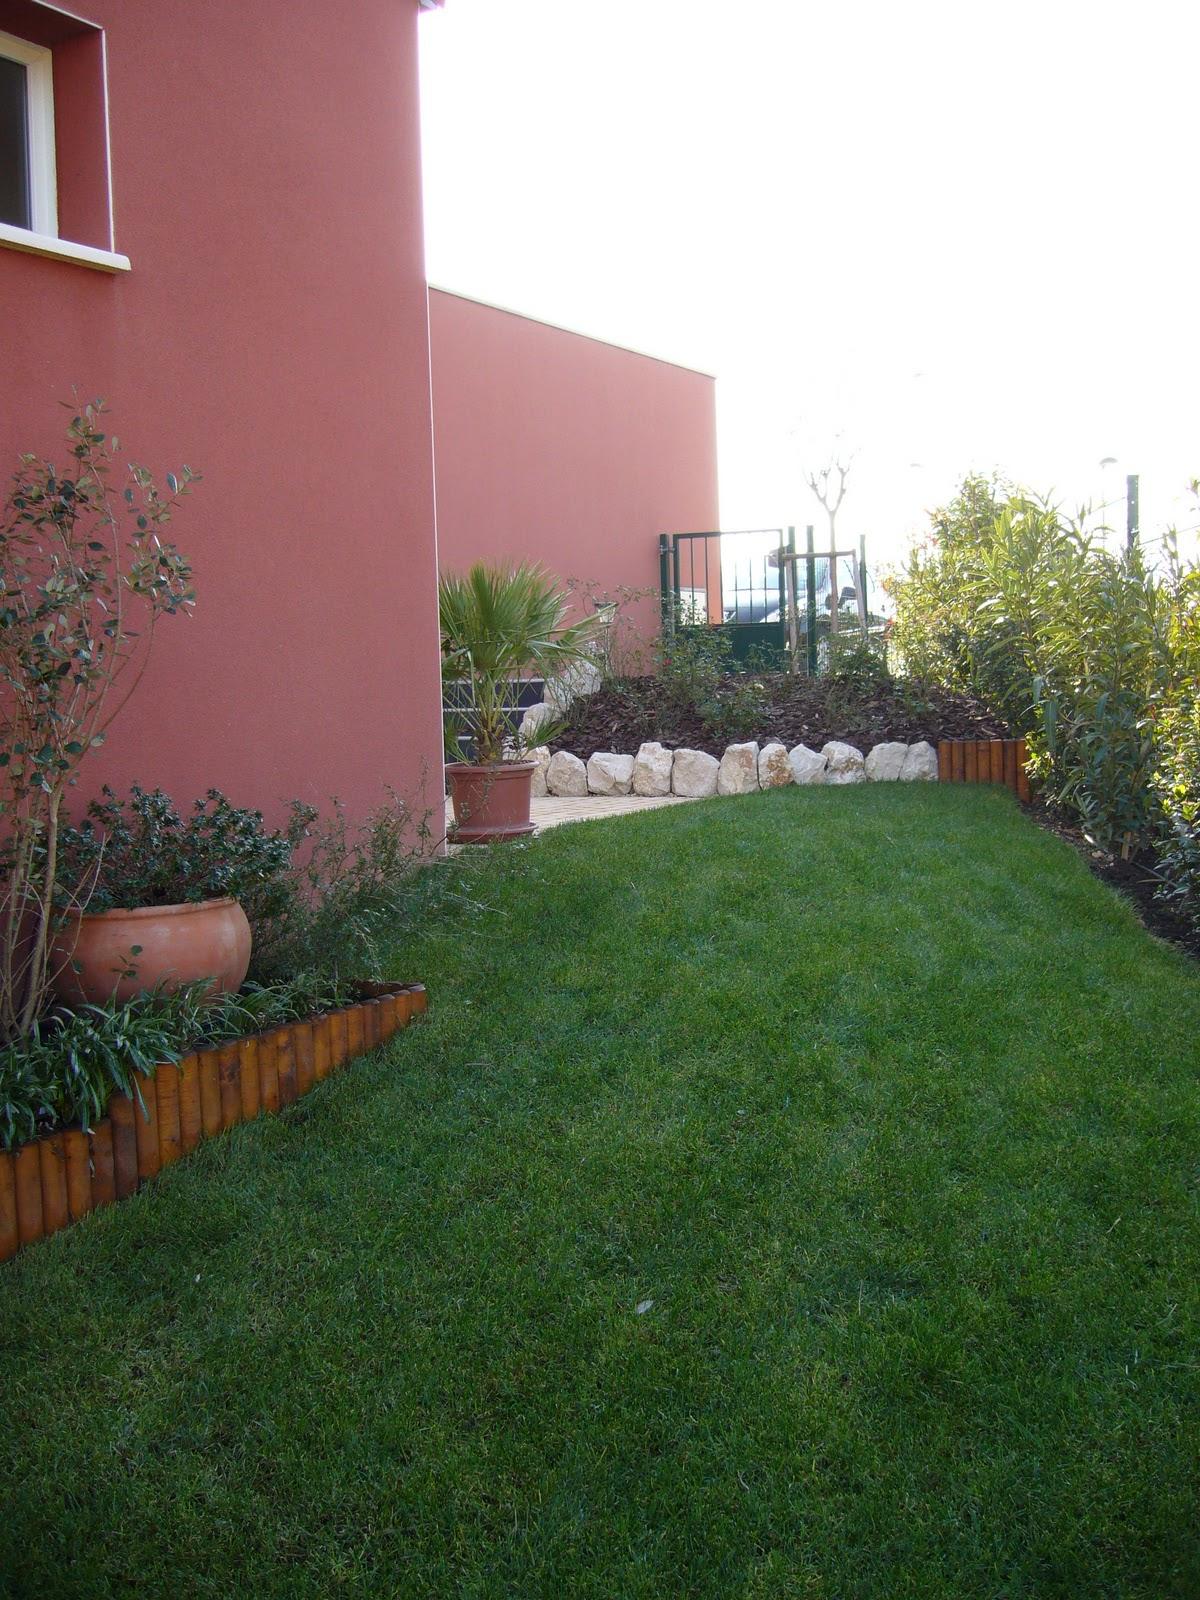 Vente maison 34980 jardin paysager et vues ext rieures for Jardin paysager